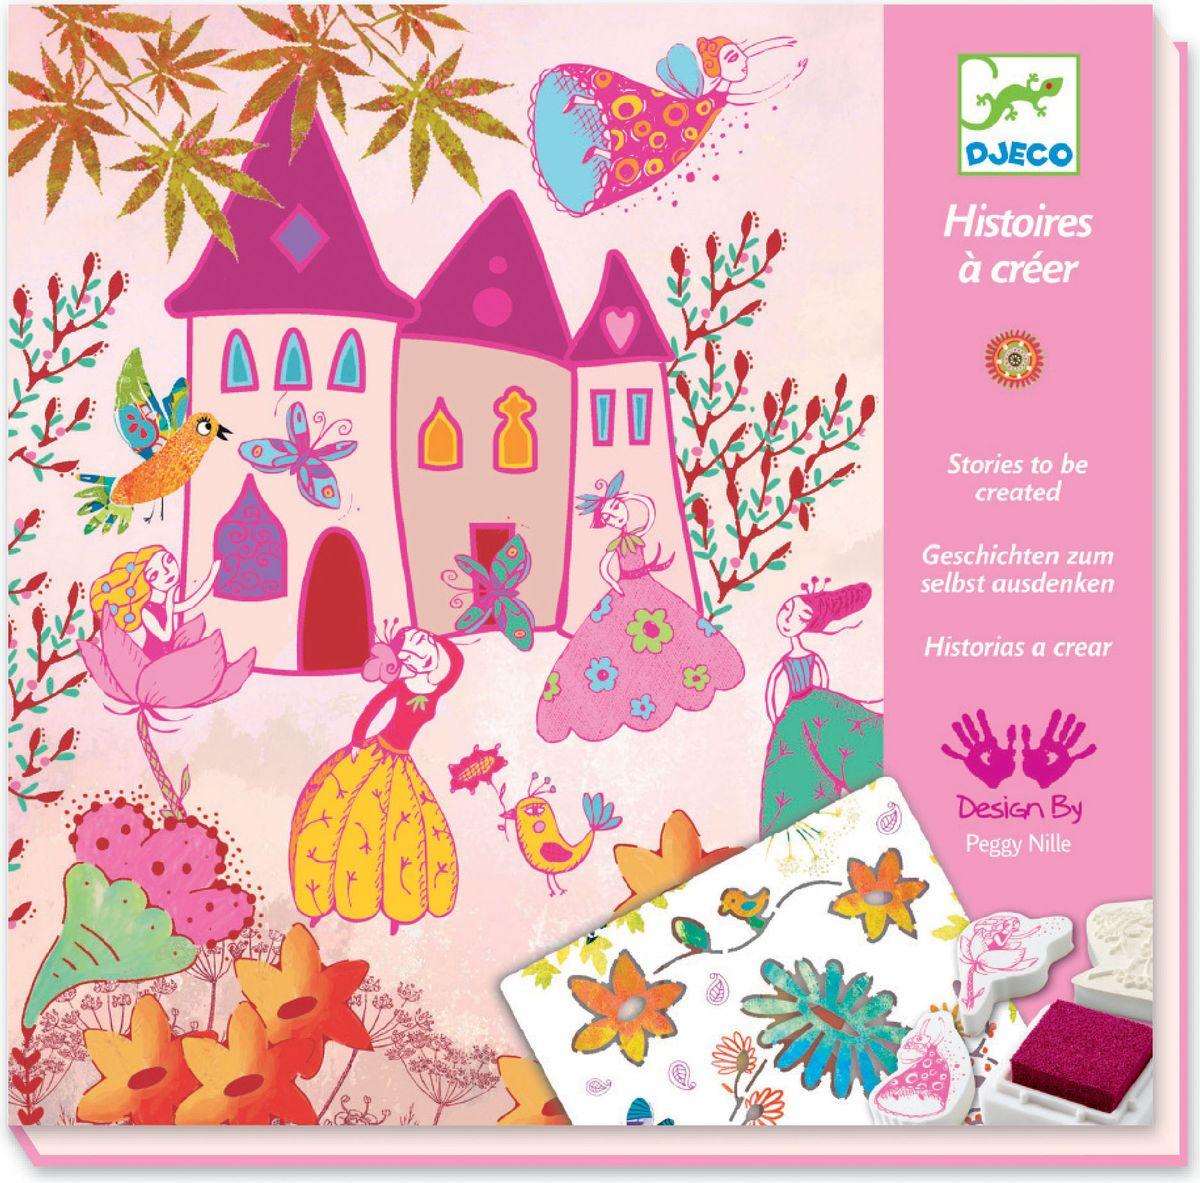 Djeco Набор для творчества Создай историю Принцессы наборы для рисования djeco набор со штампами создай историю принцессы